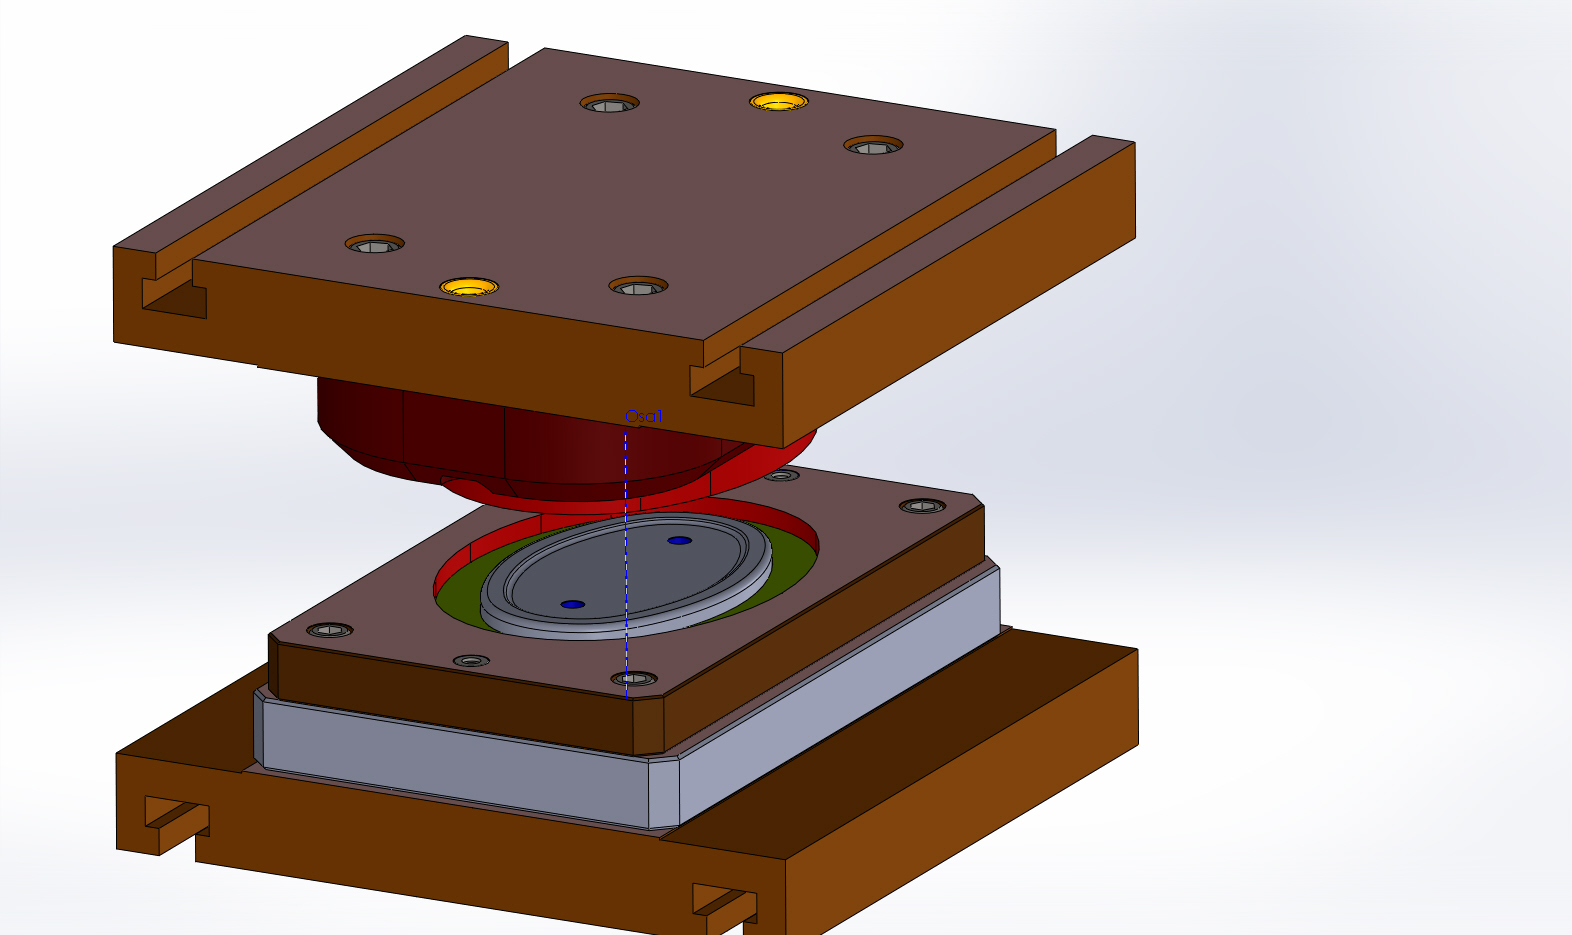 výroba a konstrukce lisovacích nástrojů